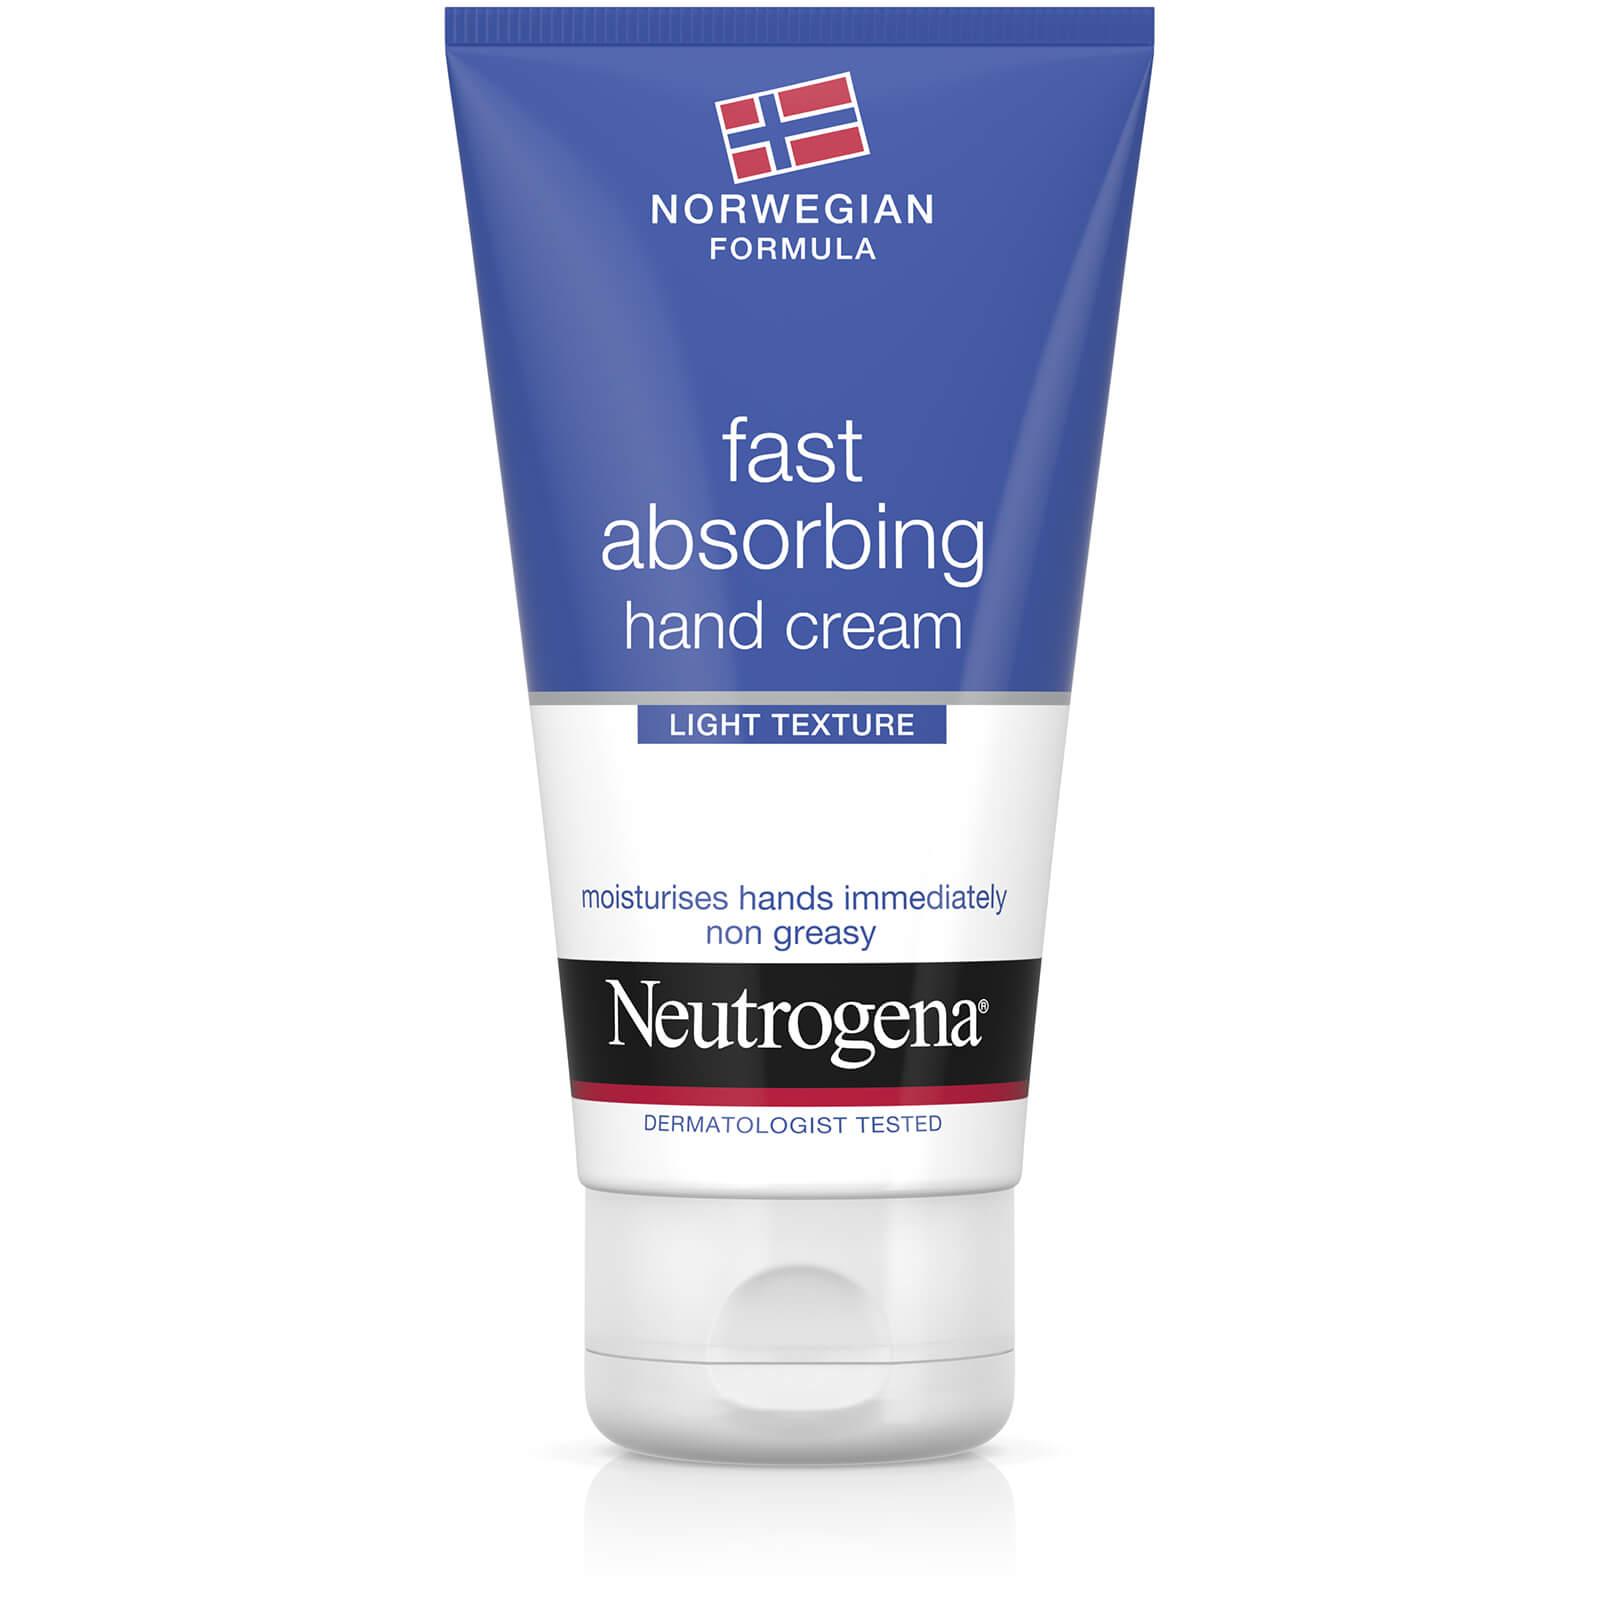 Купить Быстро впитывающийся крем для рук Neutrogena Norwegian Formula Fast Absorbing Hand Cream 75 мл